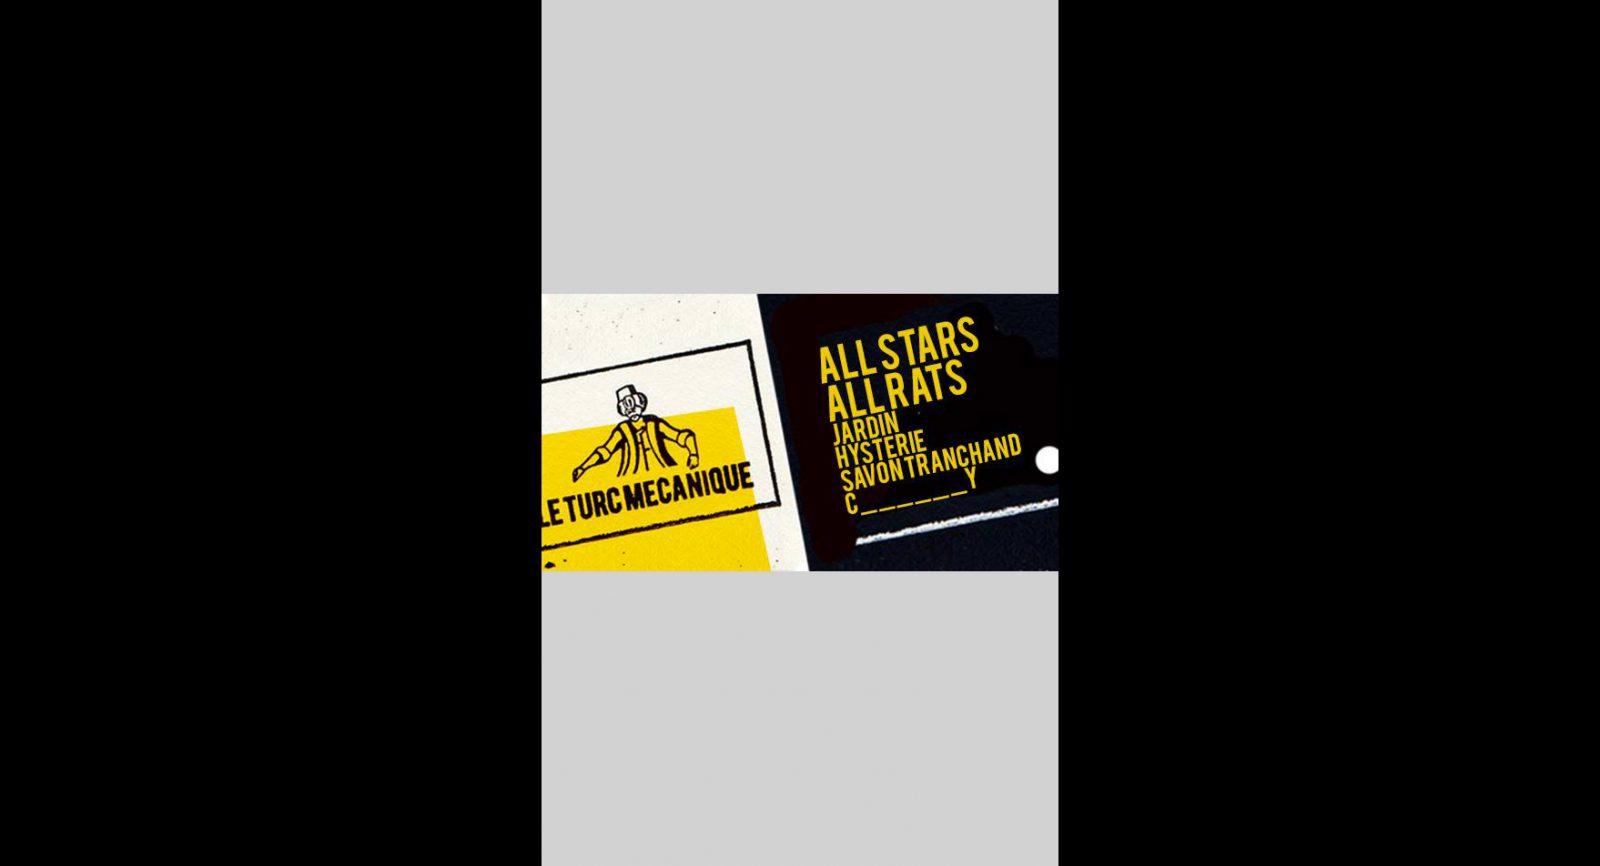 Le Turc Mécanique : All Stars / All Rats